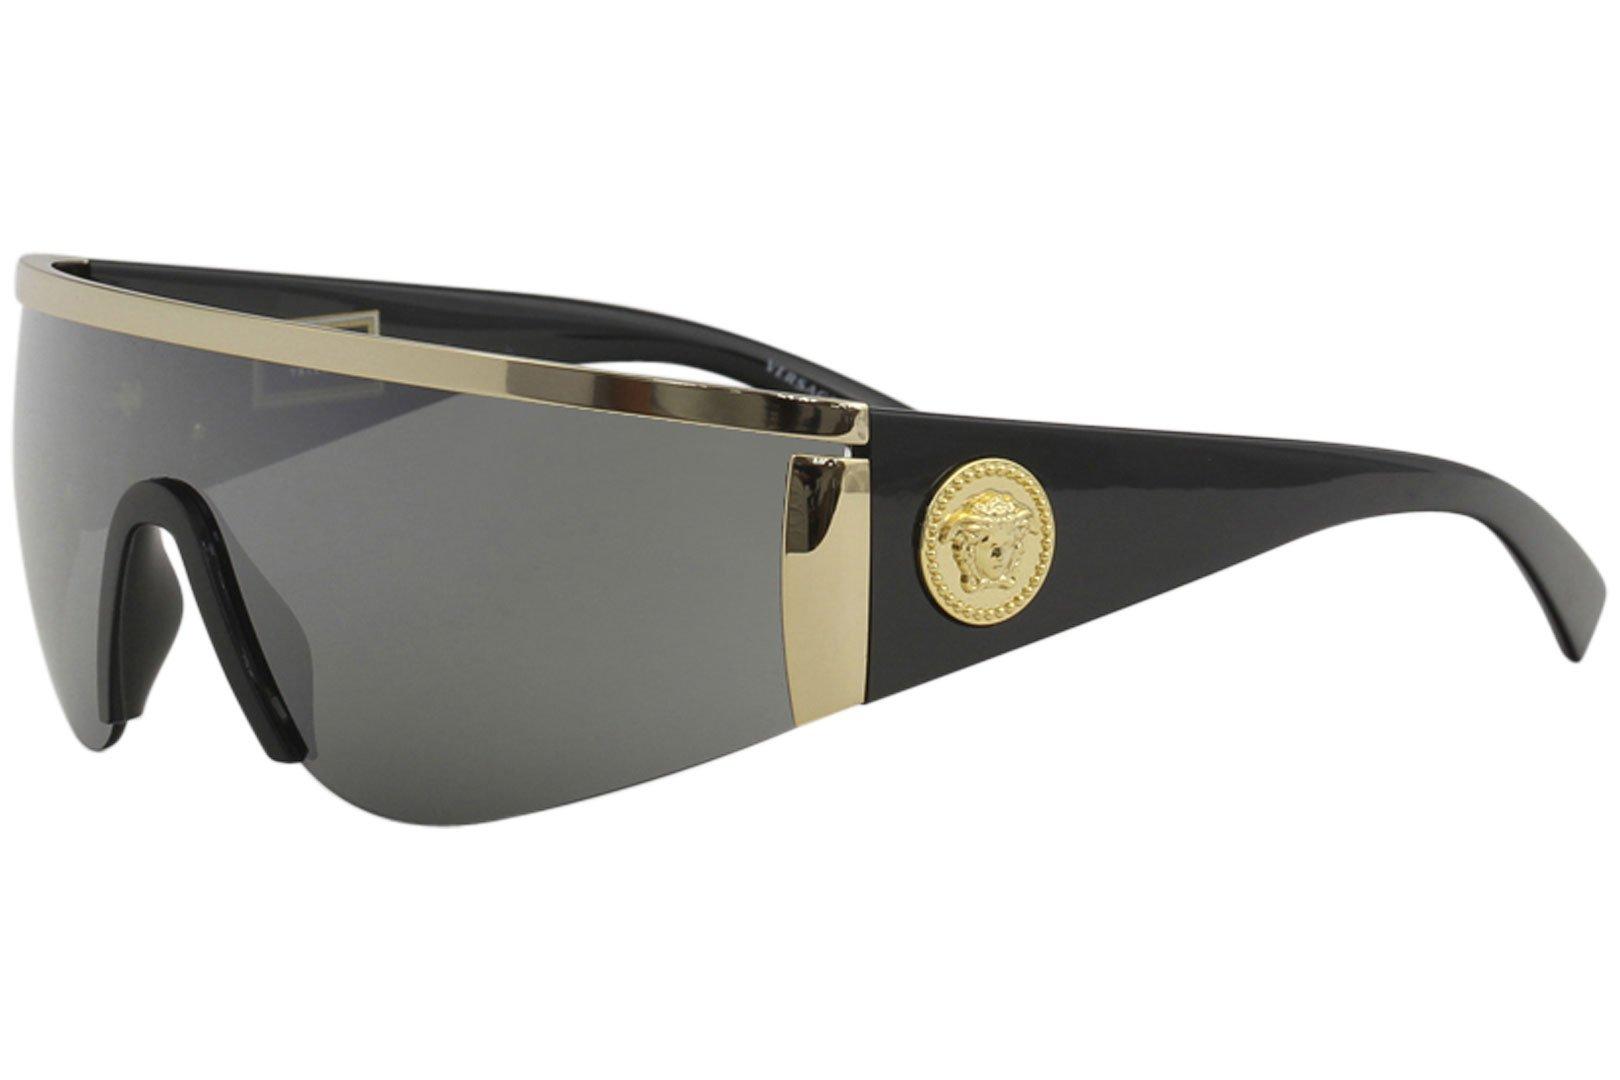 6665c2de8166f Versace Sunglasses Gold Silver Metal - Non-Polarized - 40mm